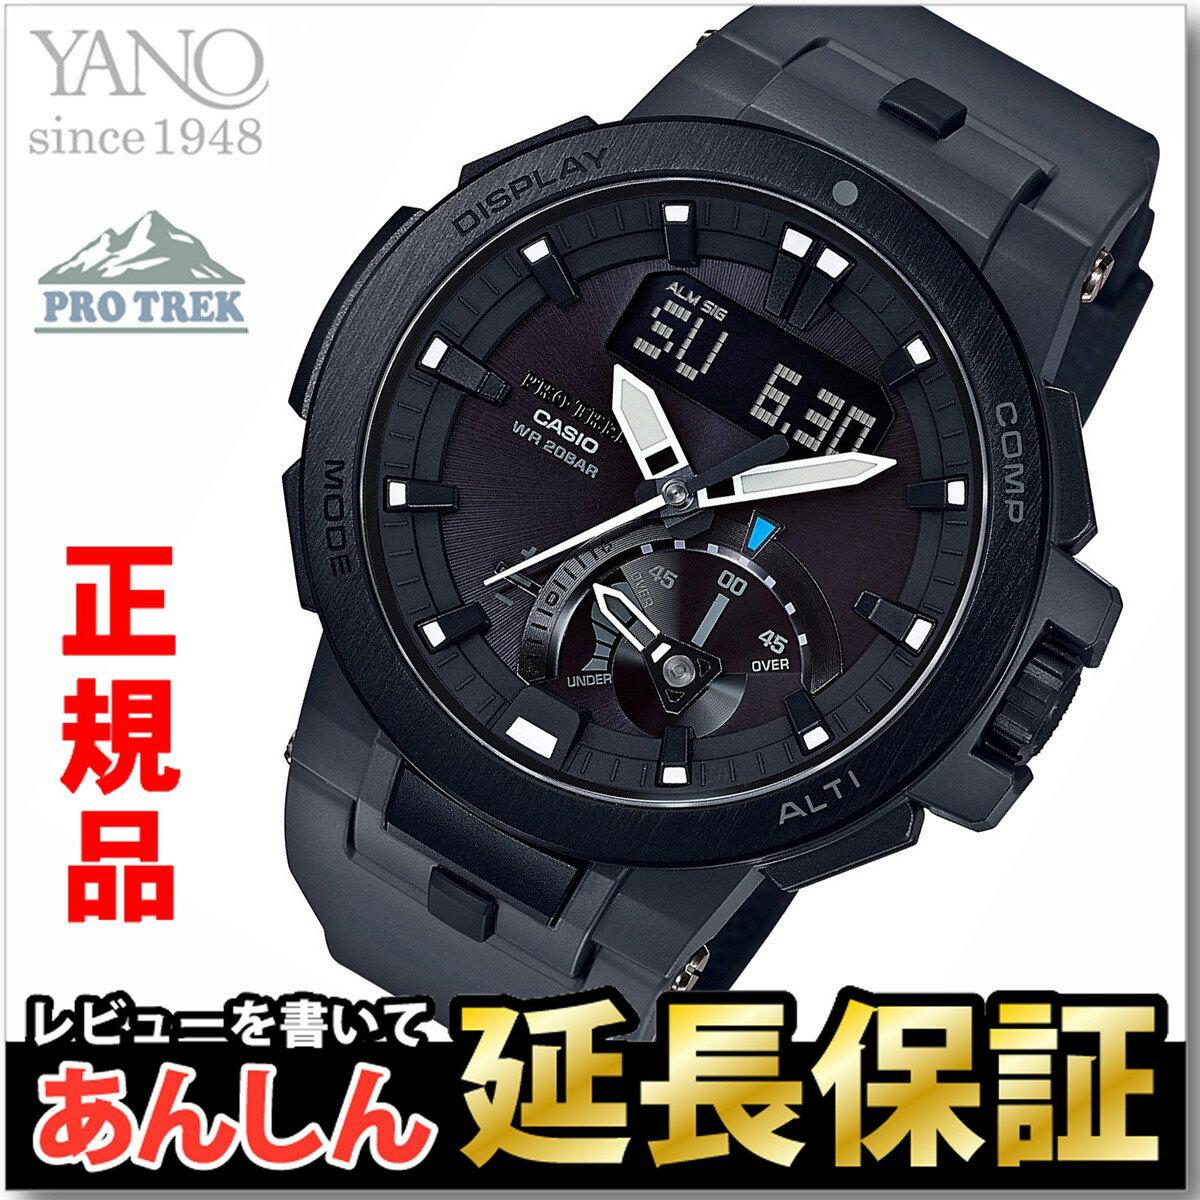 カシオ プロトレック PRW-7000-8JF 電波 ソーラー 電波時計 腕時計 メンズ デジアナ レトログラード タフソーラー CASIO PRO TREK 【正規品】【0517】5月26日発売